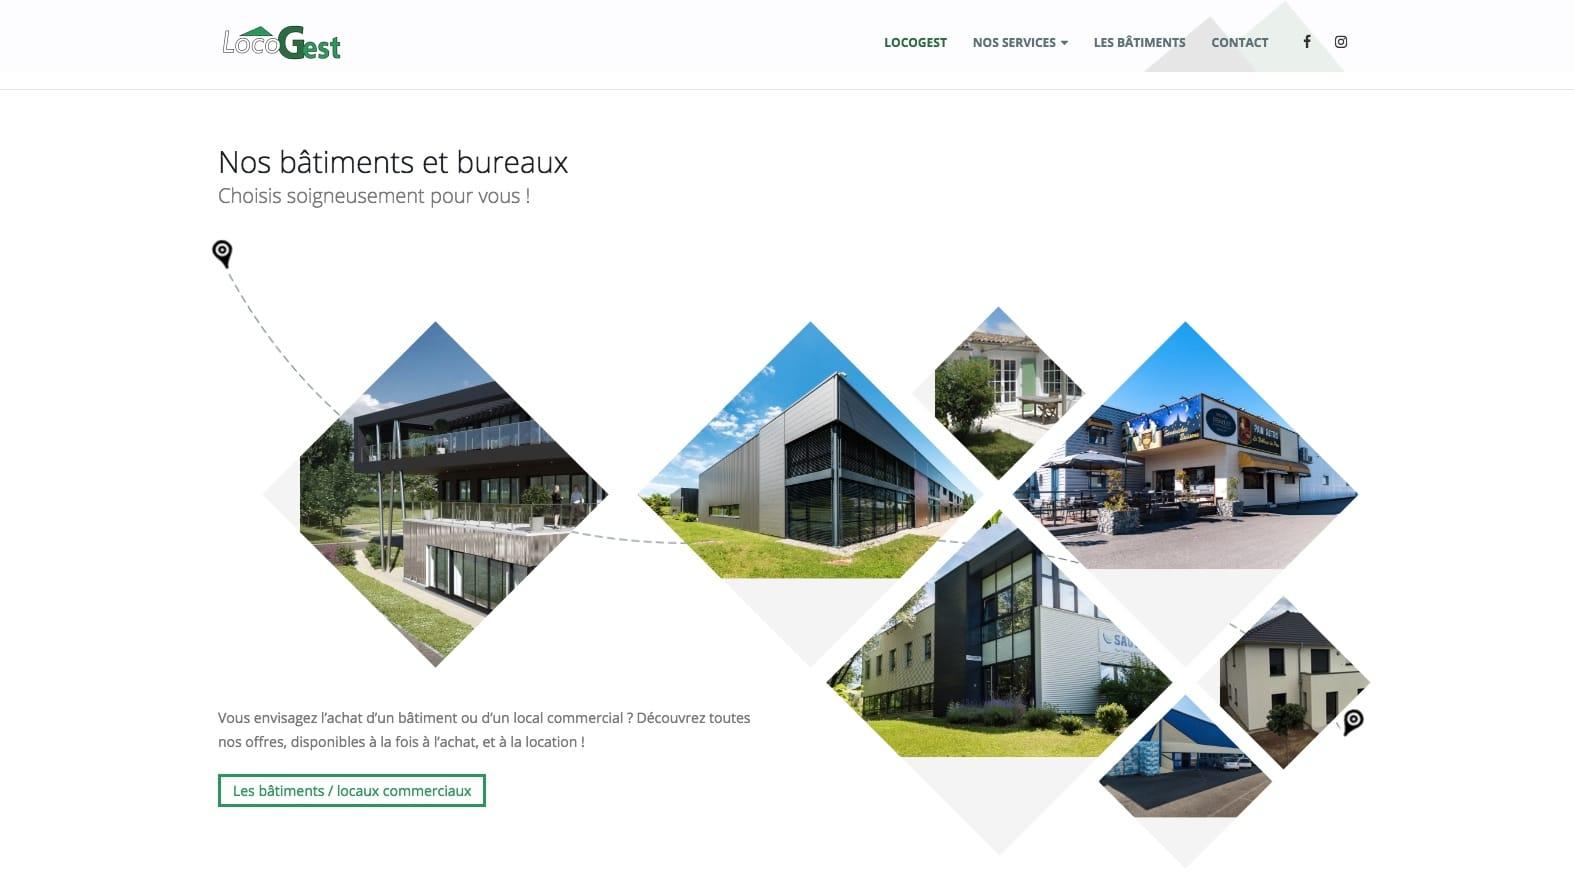 Locogest, bâtiments et bureaux, client de l'agence web et digitale Karedess à Mulhouse